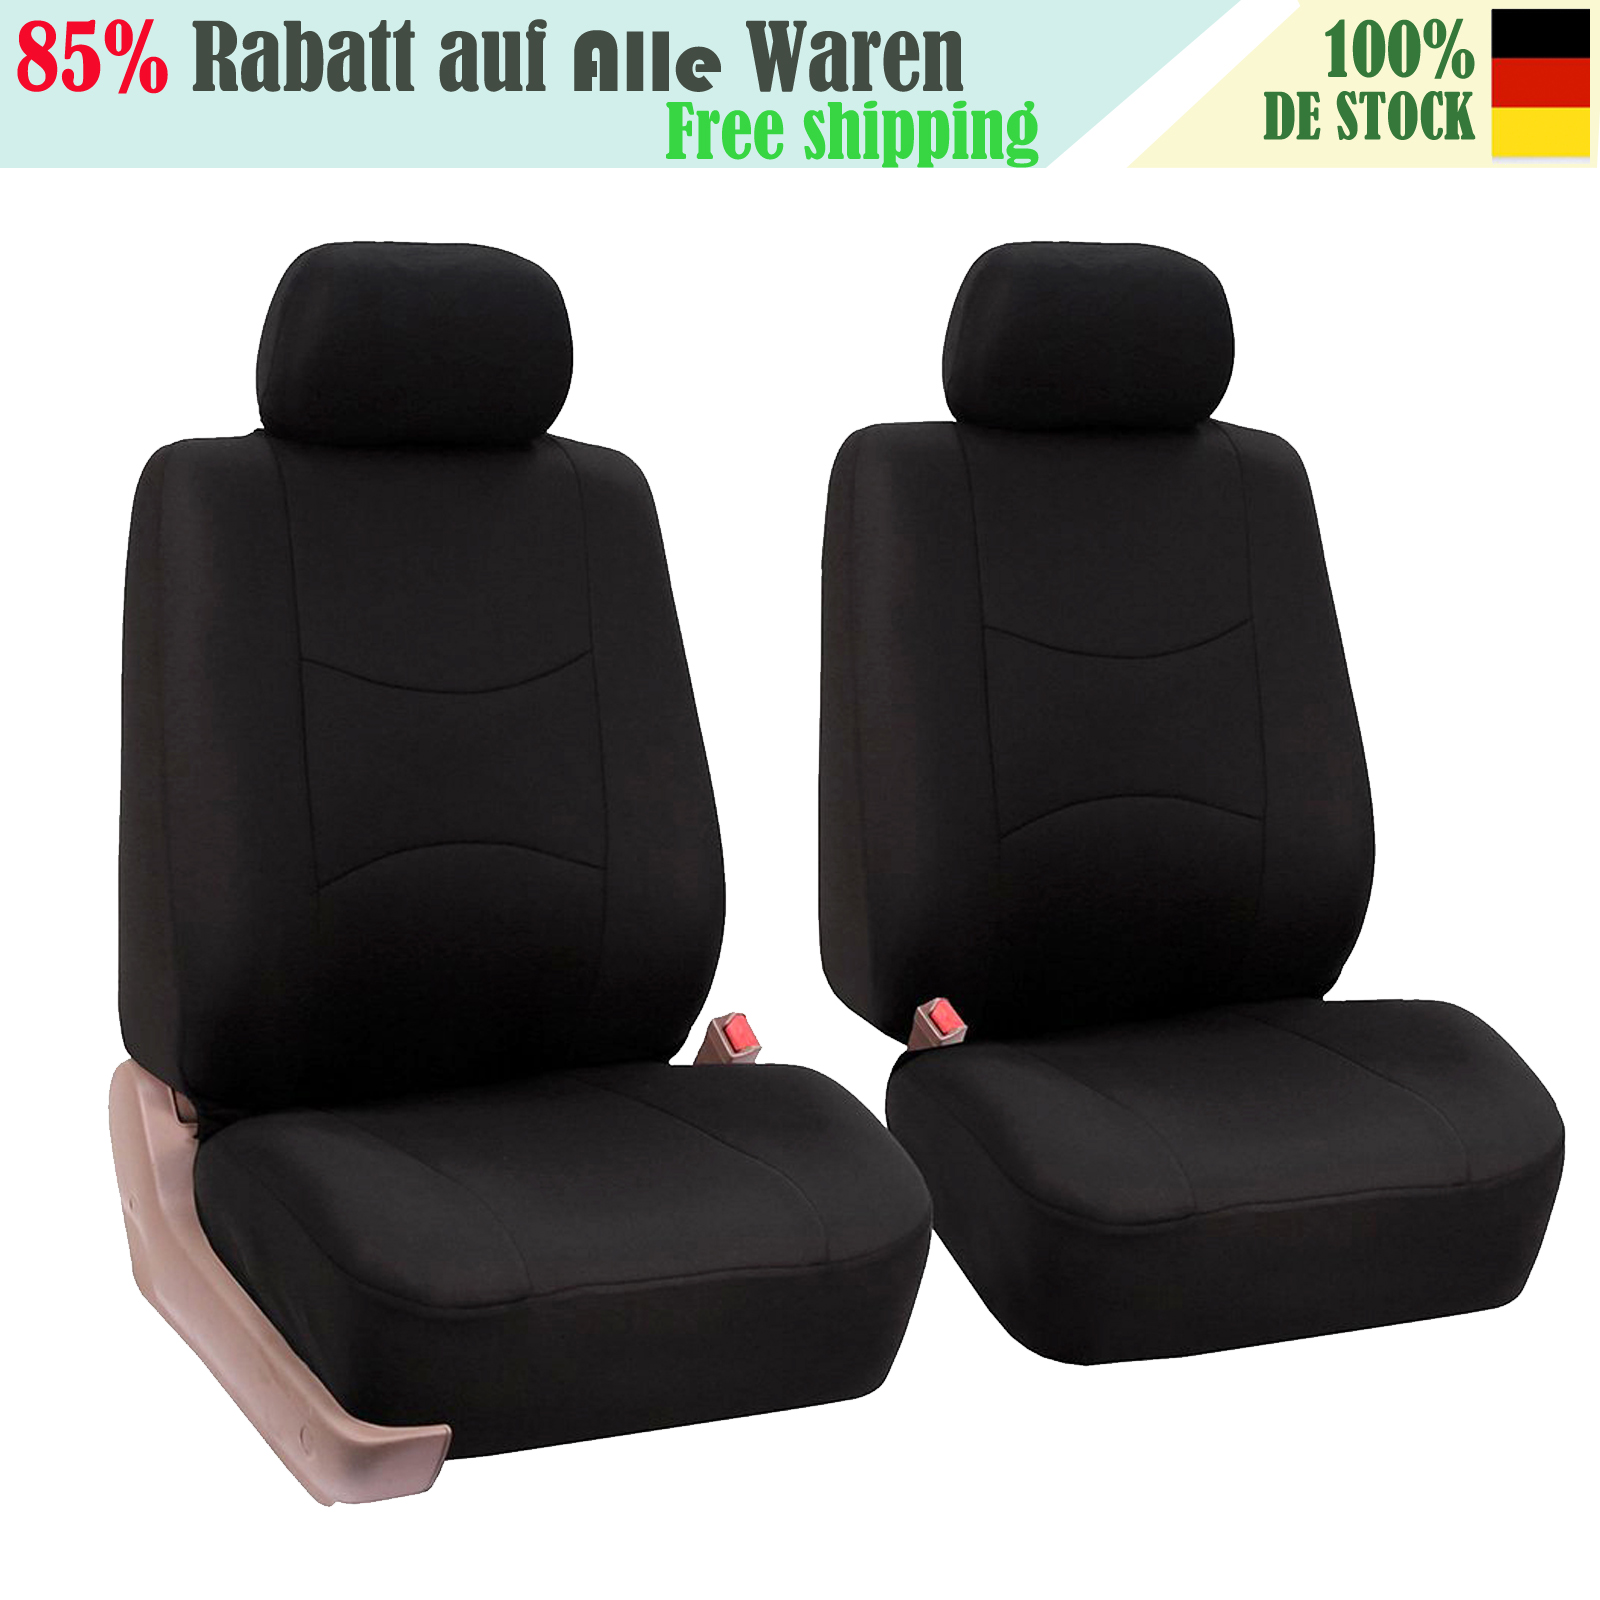 2+1 Sitzbezug Werkstattbezug Werkstattschoner schwarz Polyester Neu Universal